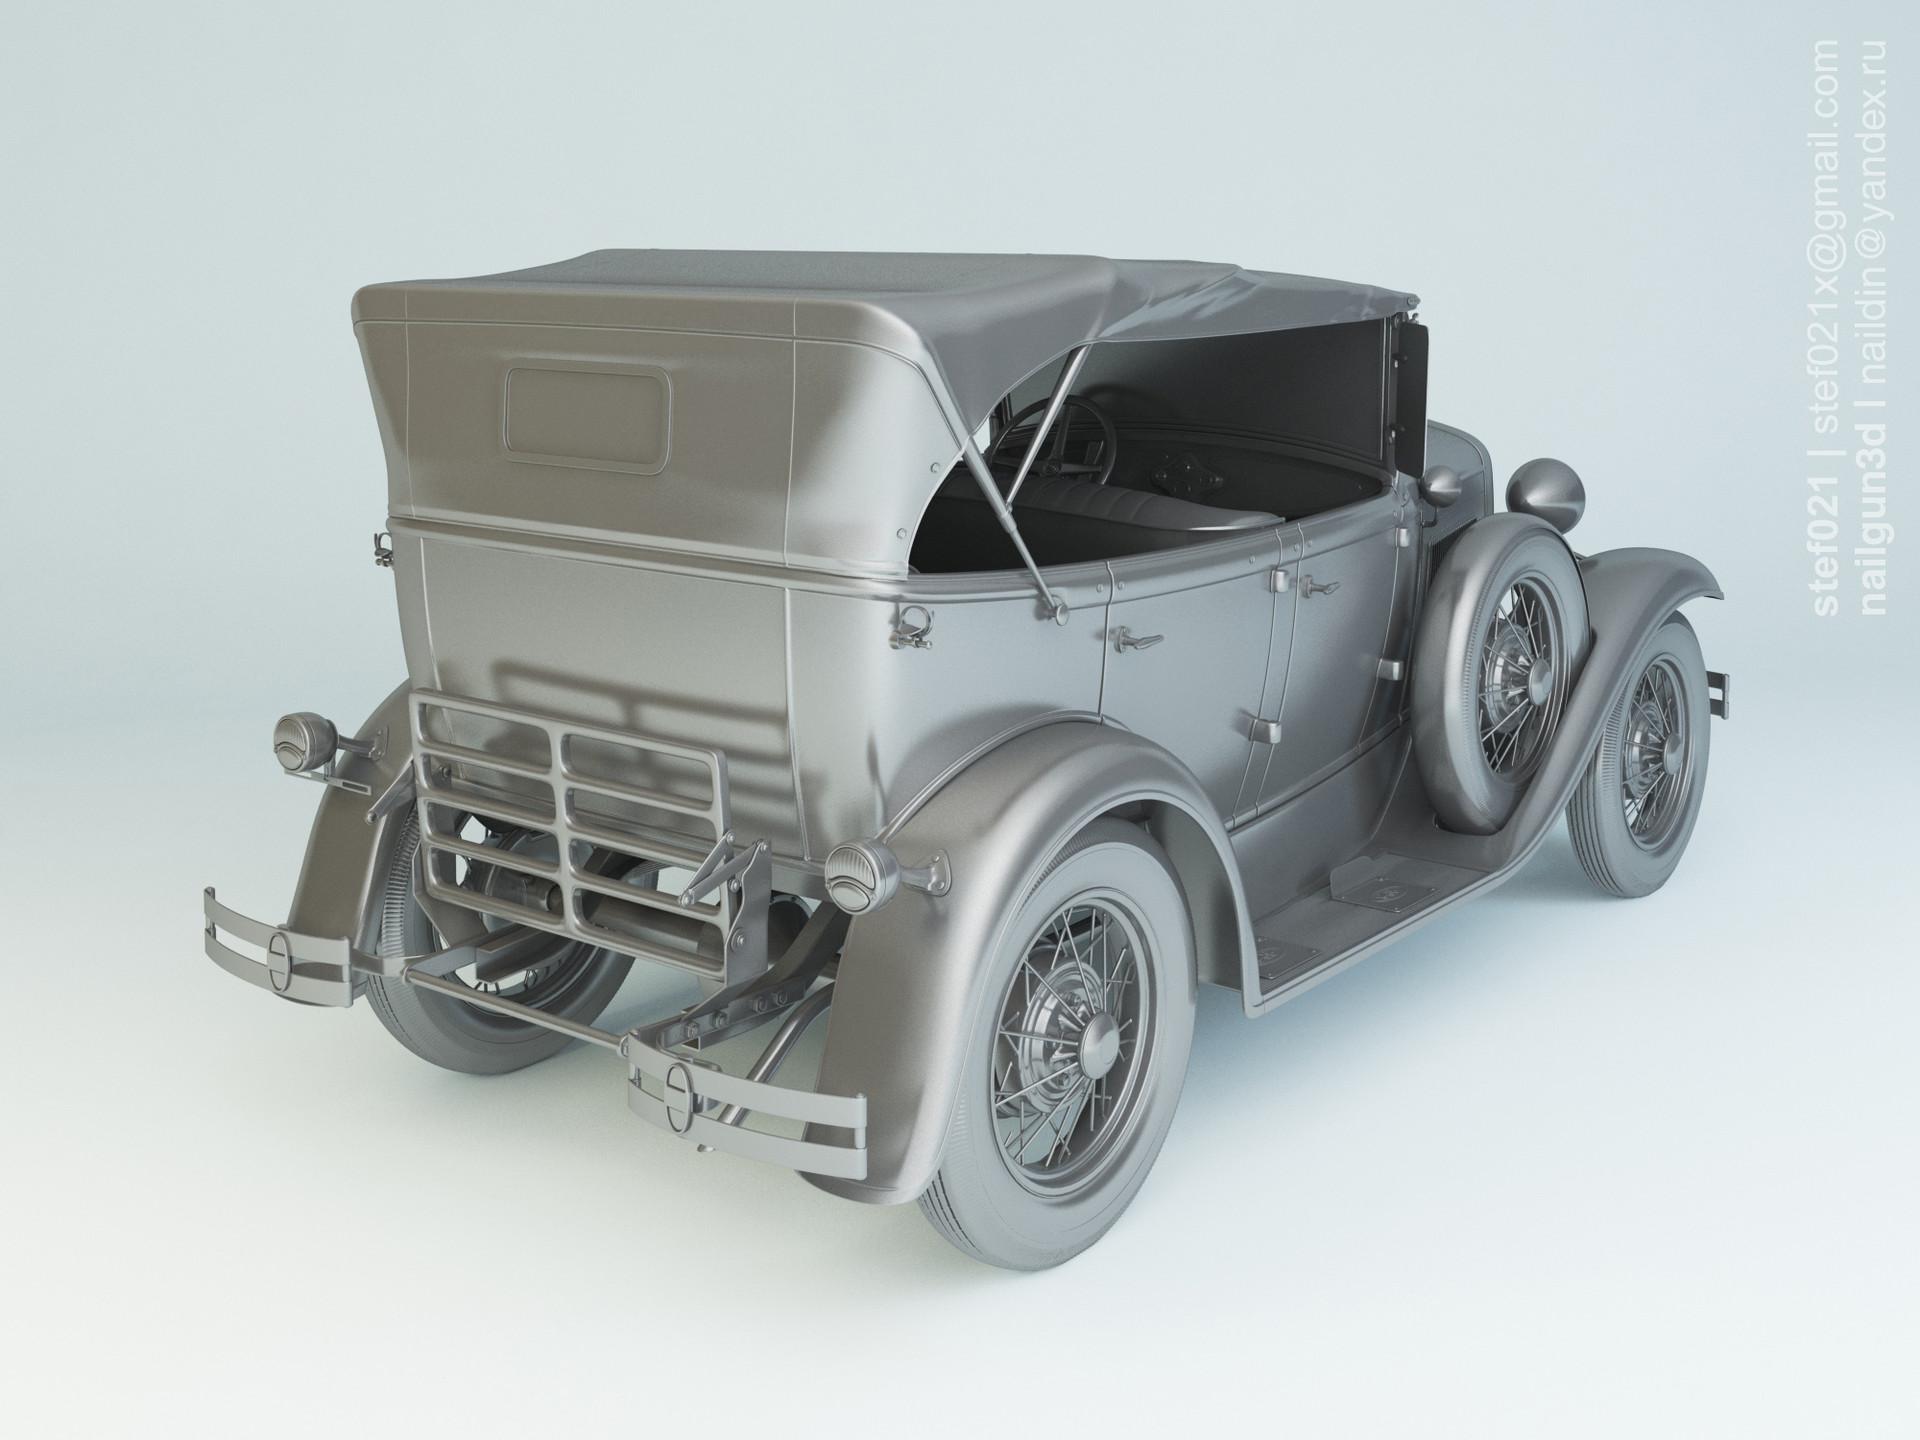 Nail khusnutdinov a0006 ford a phaeton 1931 clay 1